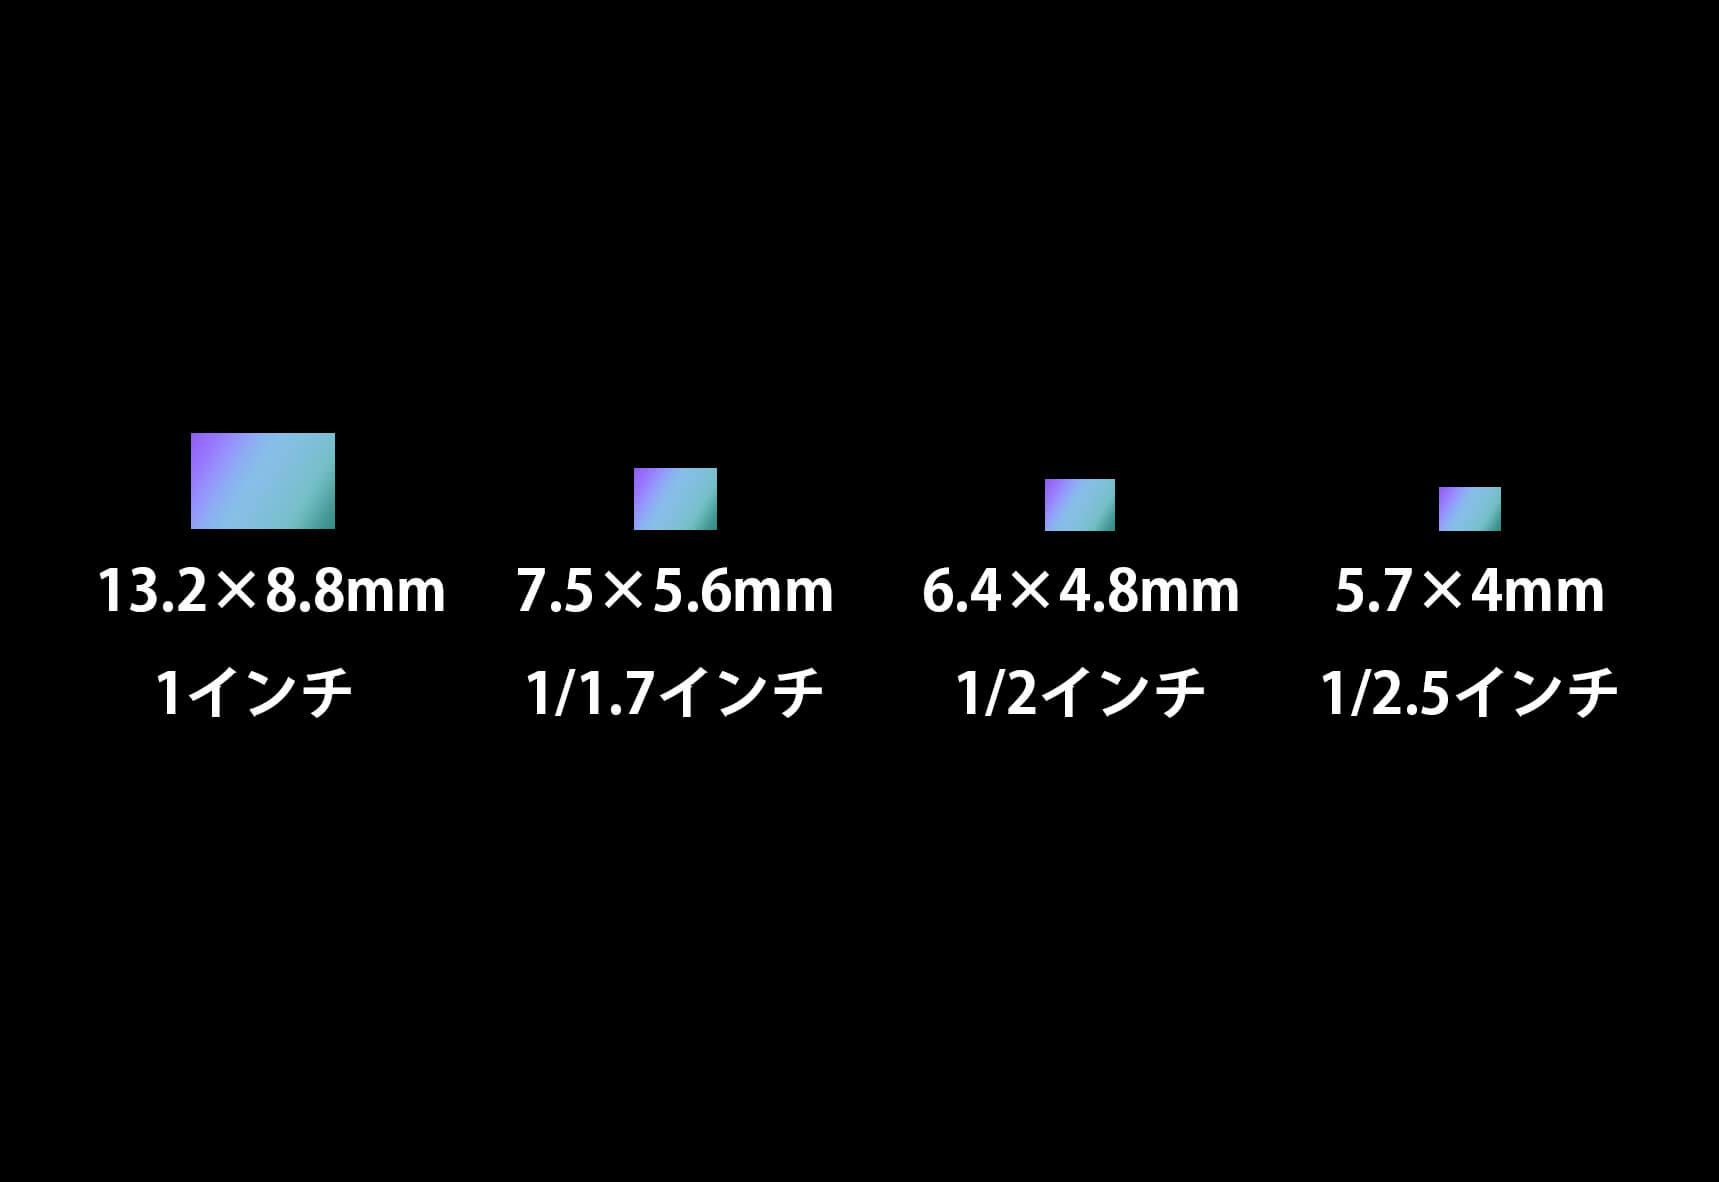 Samsung HM2は1/1.52インチ。Find X3 Proが搭載しているSONY IMX 766より大きなサイズ